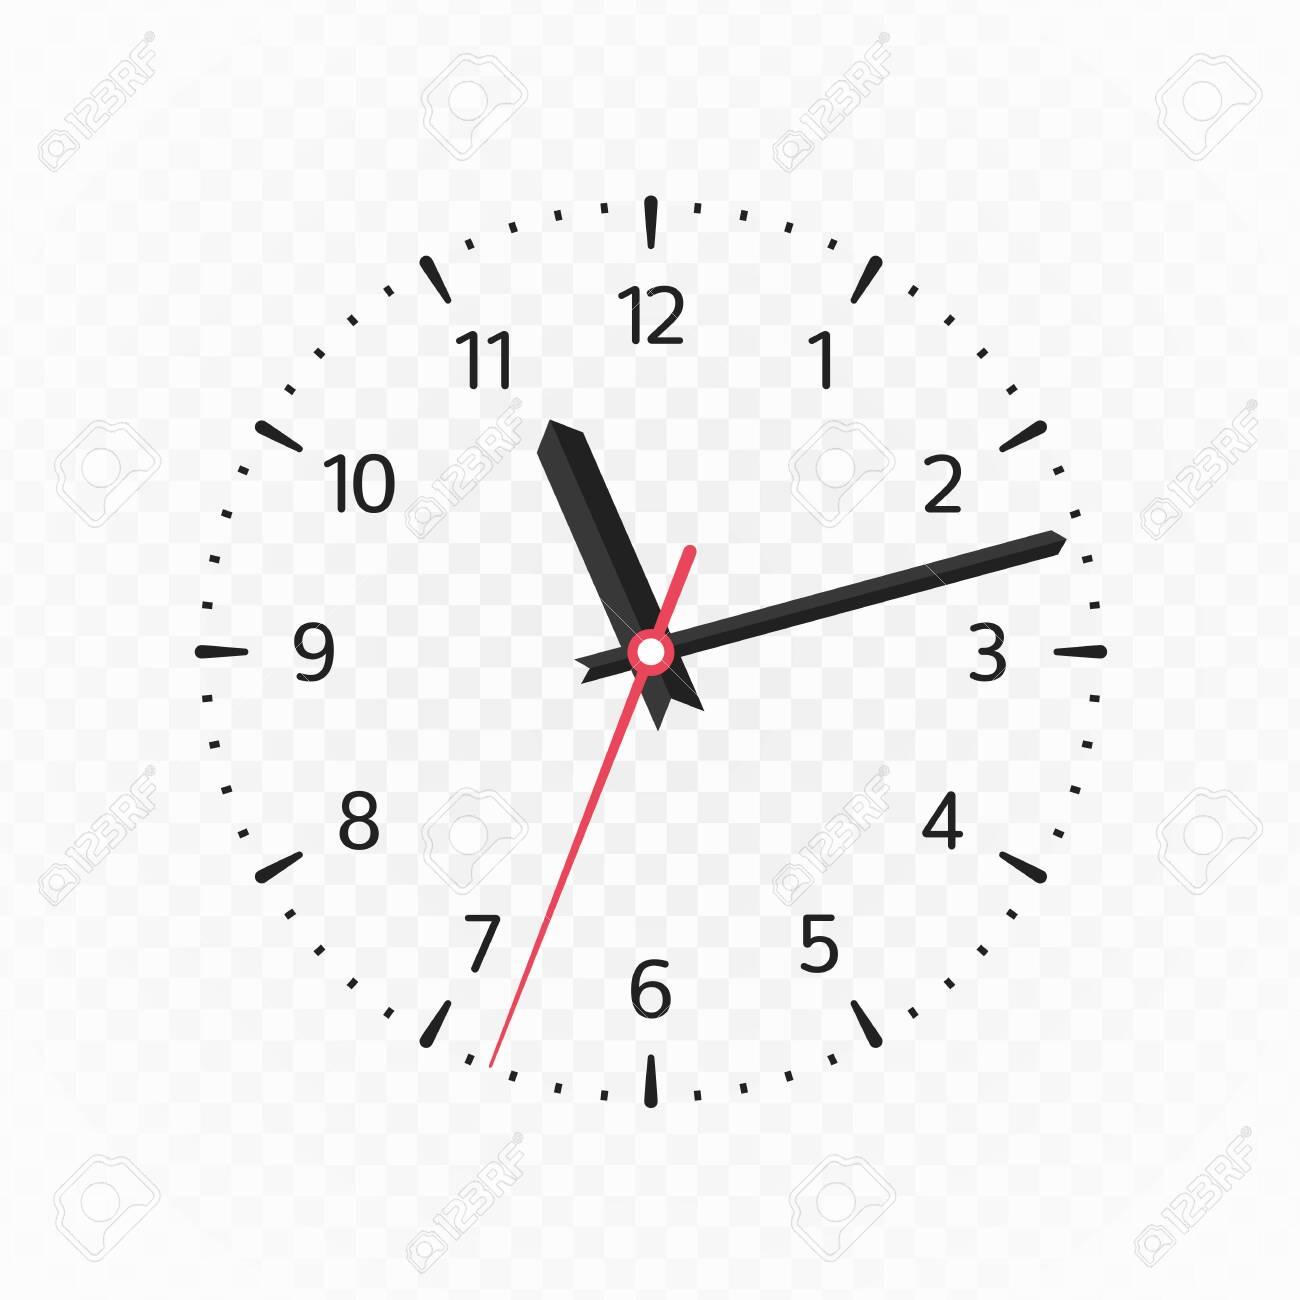 Clock face mockup. - 144709084